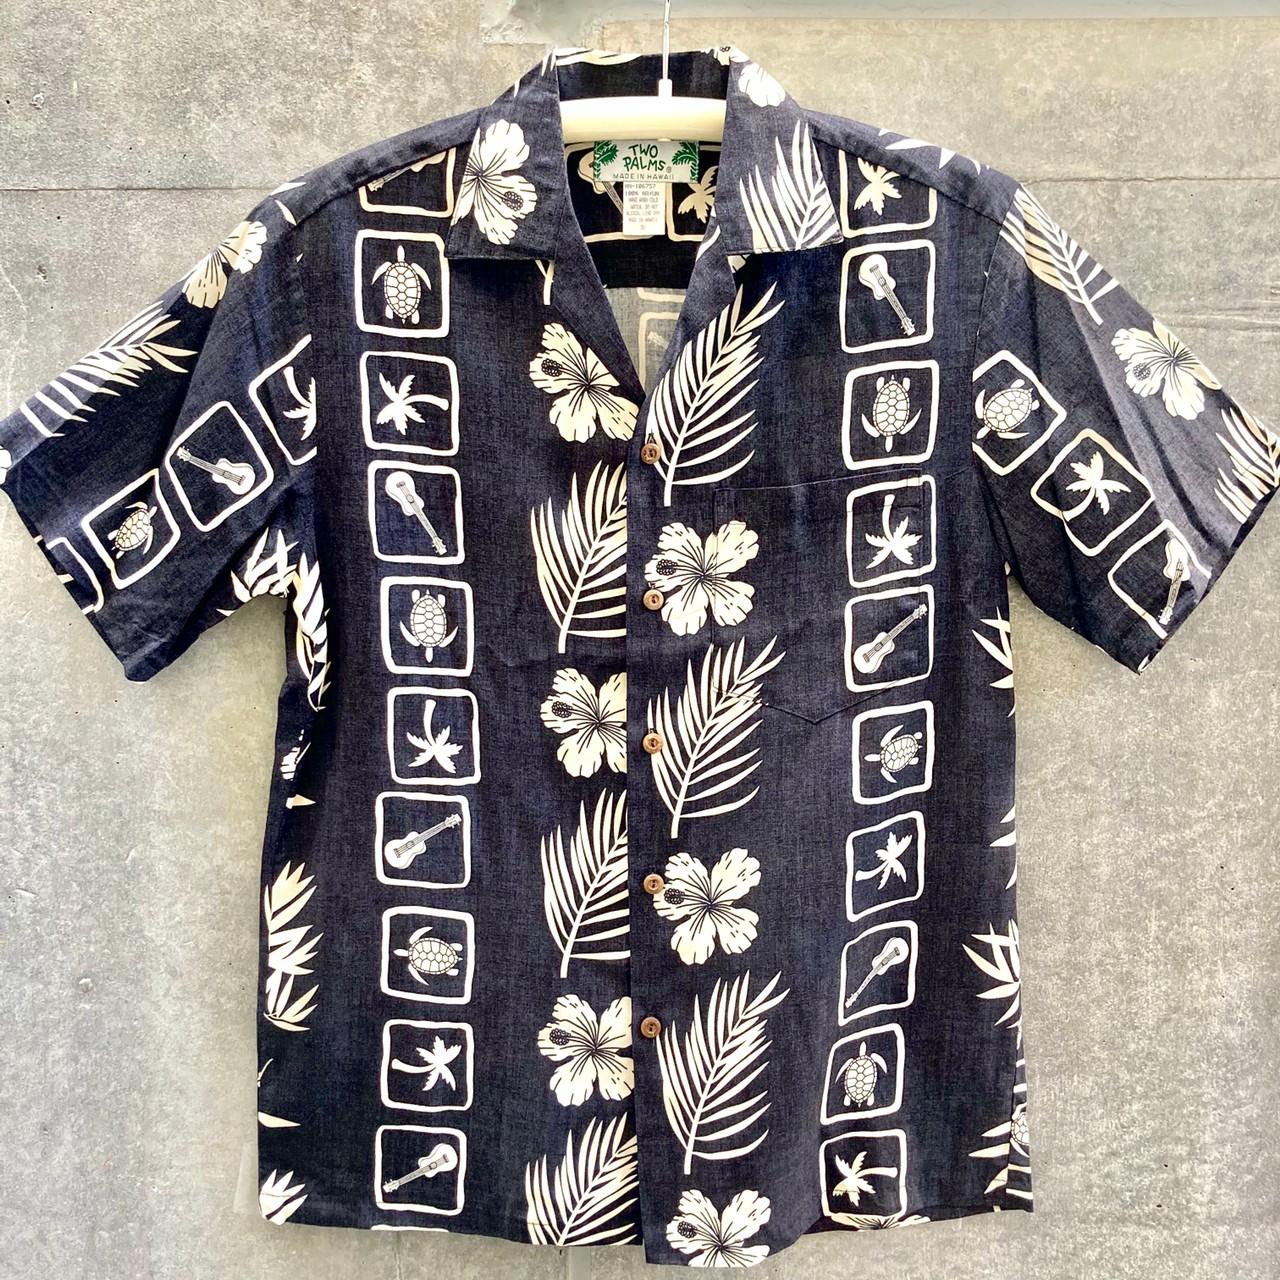 Mensアロハシャツ/Squares/Black